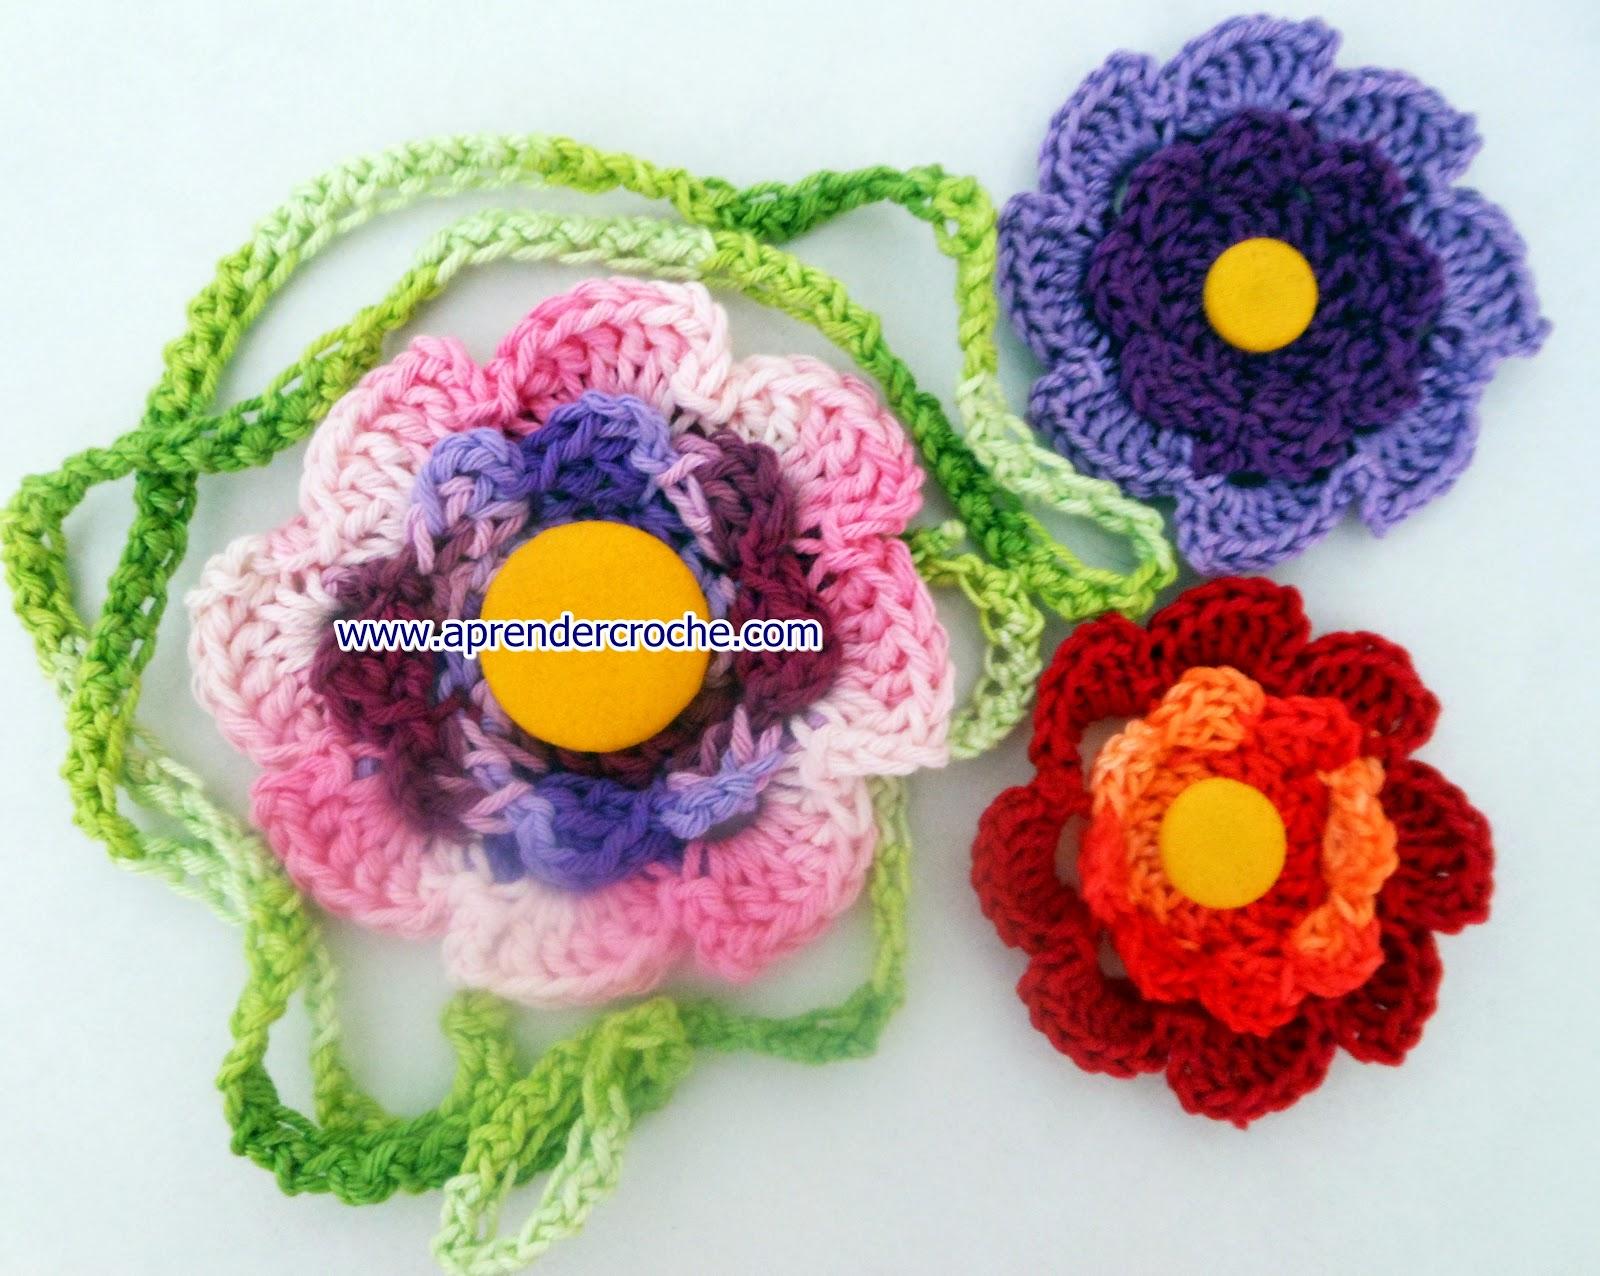 cem flores em croche coleção dvd aprender croche com edinir-croche loja